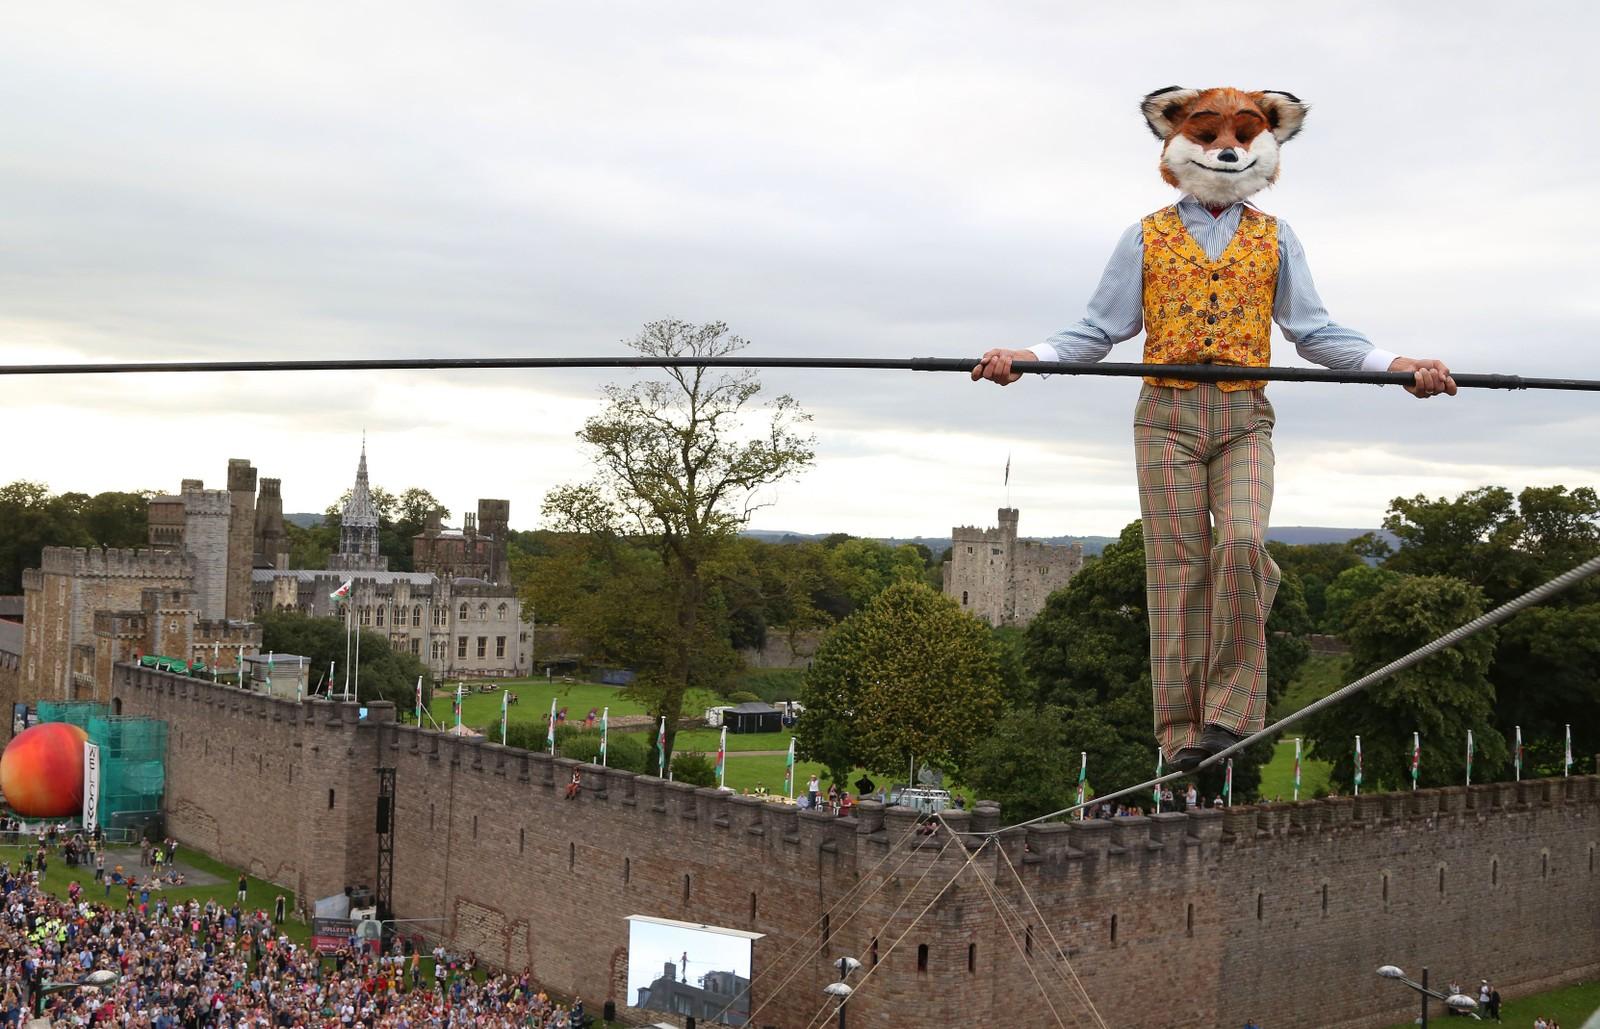 Chris Bullzini går på line fra Cardiff Castle i Wales under et arrangement i forbindelse med det som ville vært forfatter Roald Dahls 100-årsdag 17. september. Bullzini er kledd ut som Herr Rev fra Dahls kjente barnebok Den fantastiske Mikkel Rev.